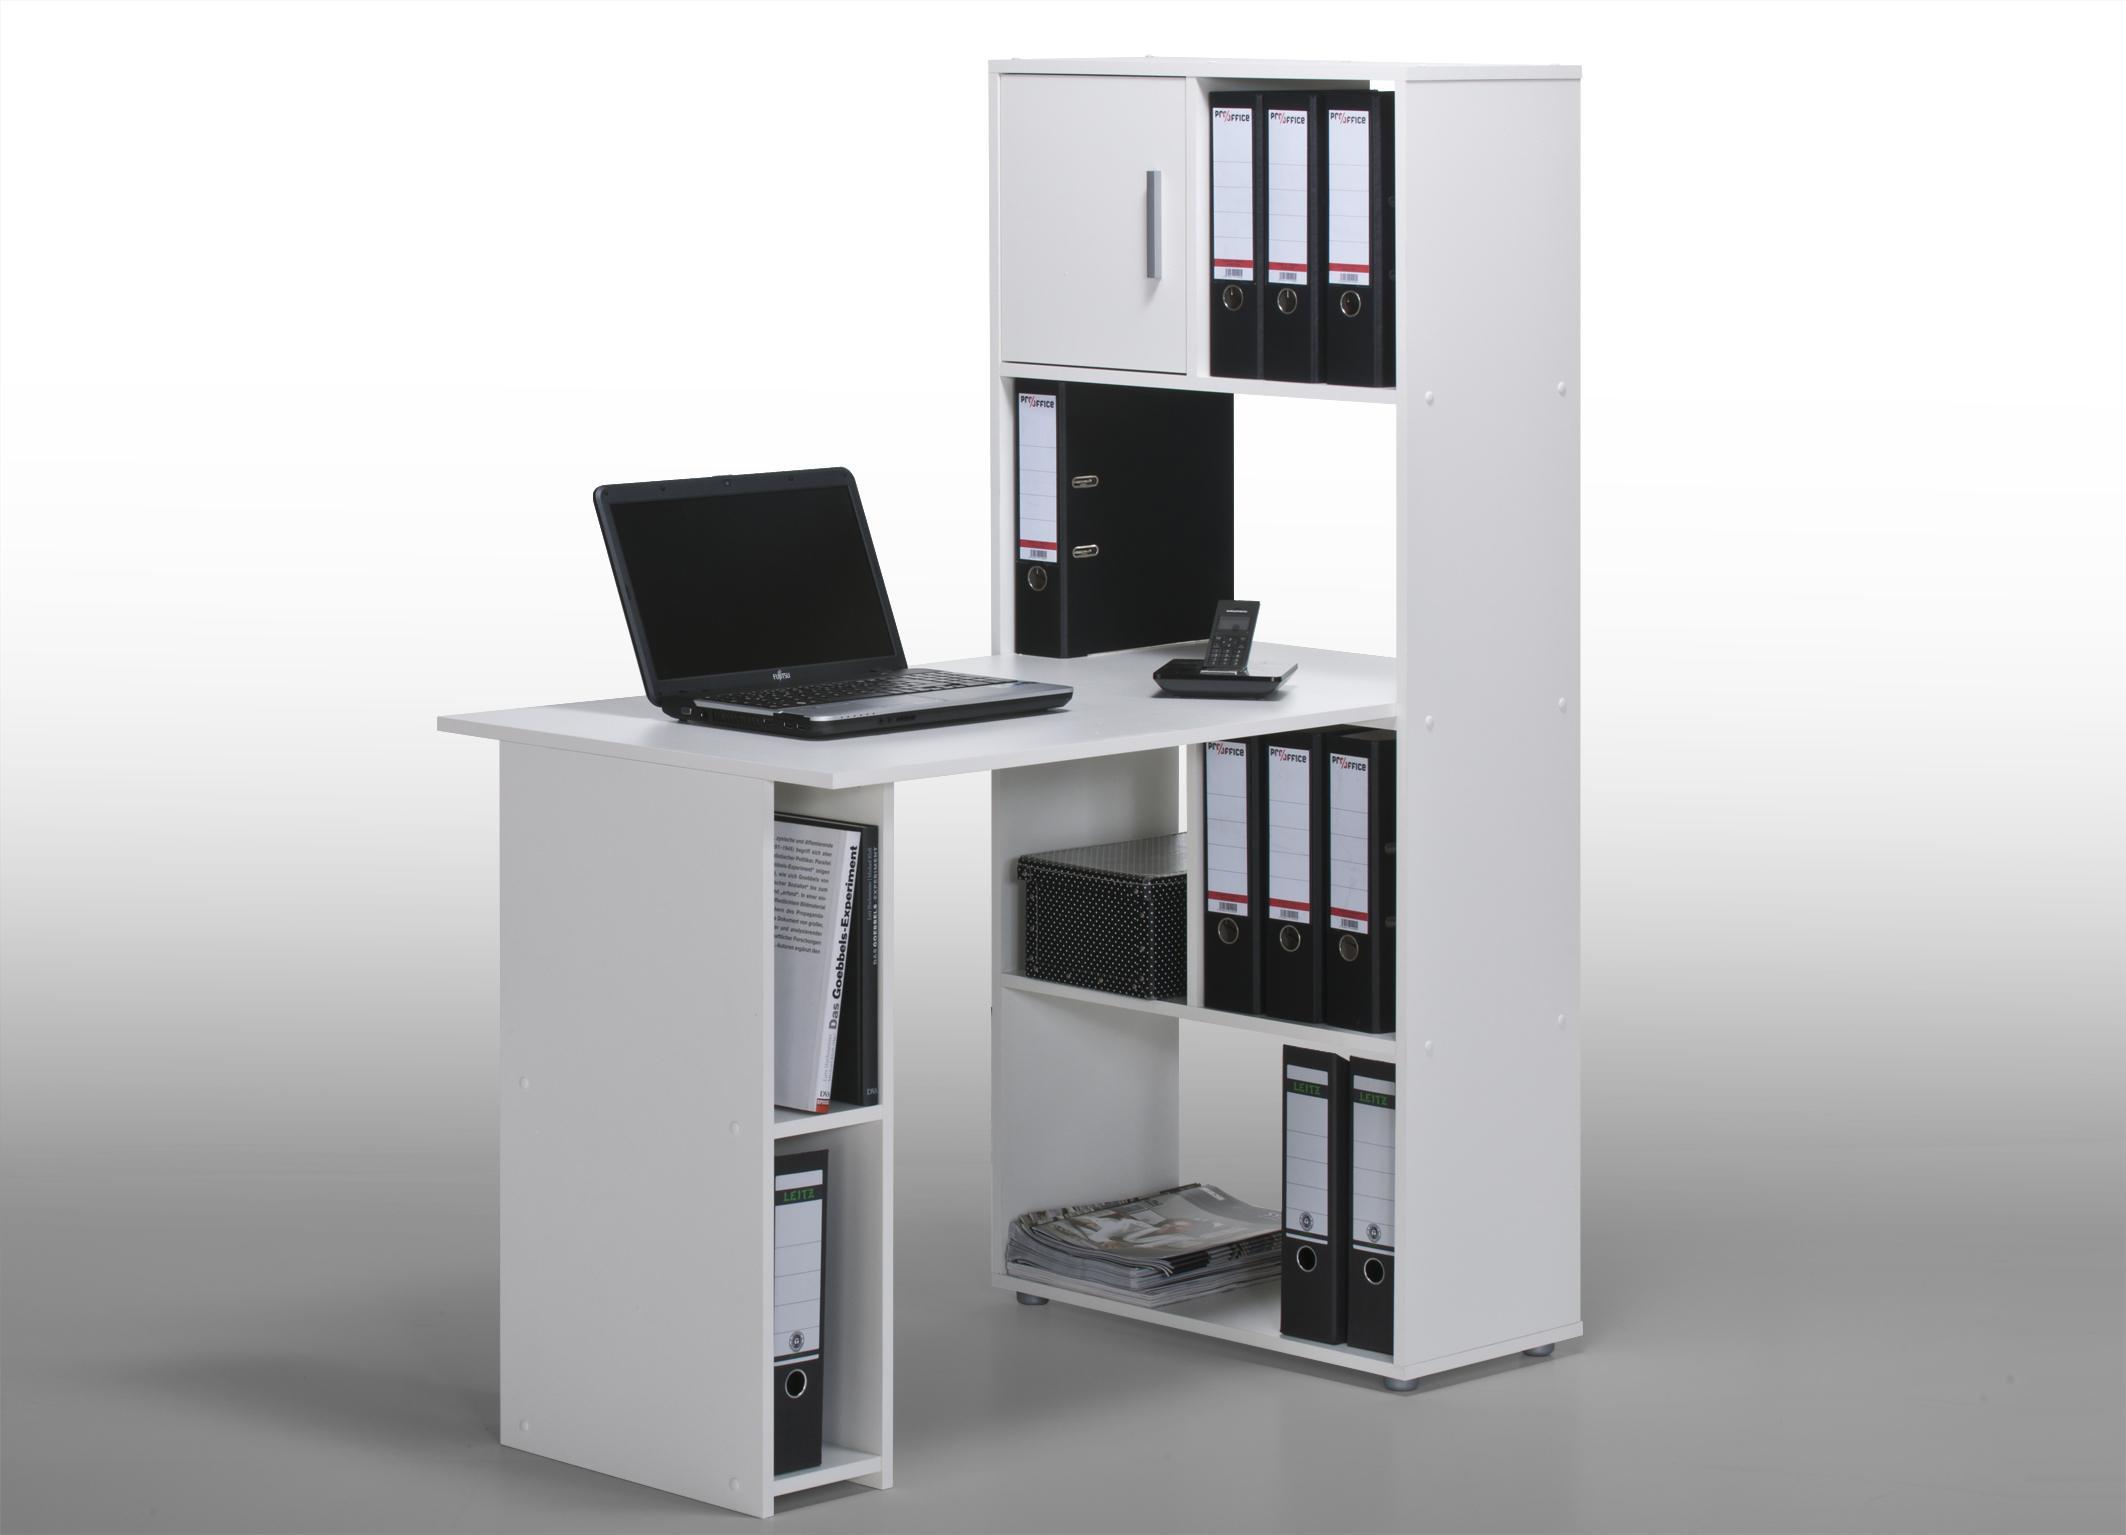 Bureau informatique contemporain avec rangement blanc Ylas